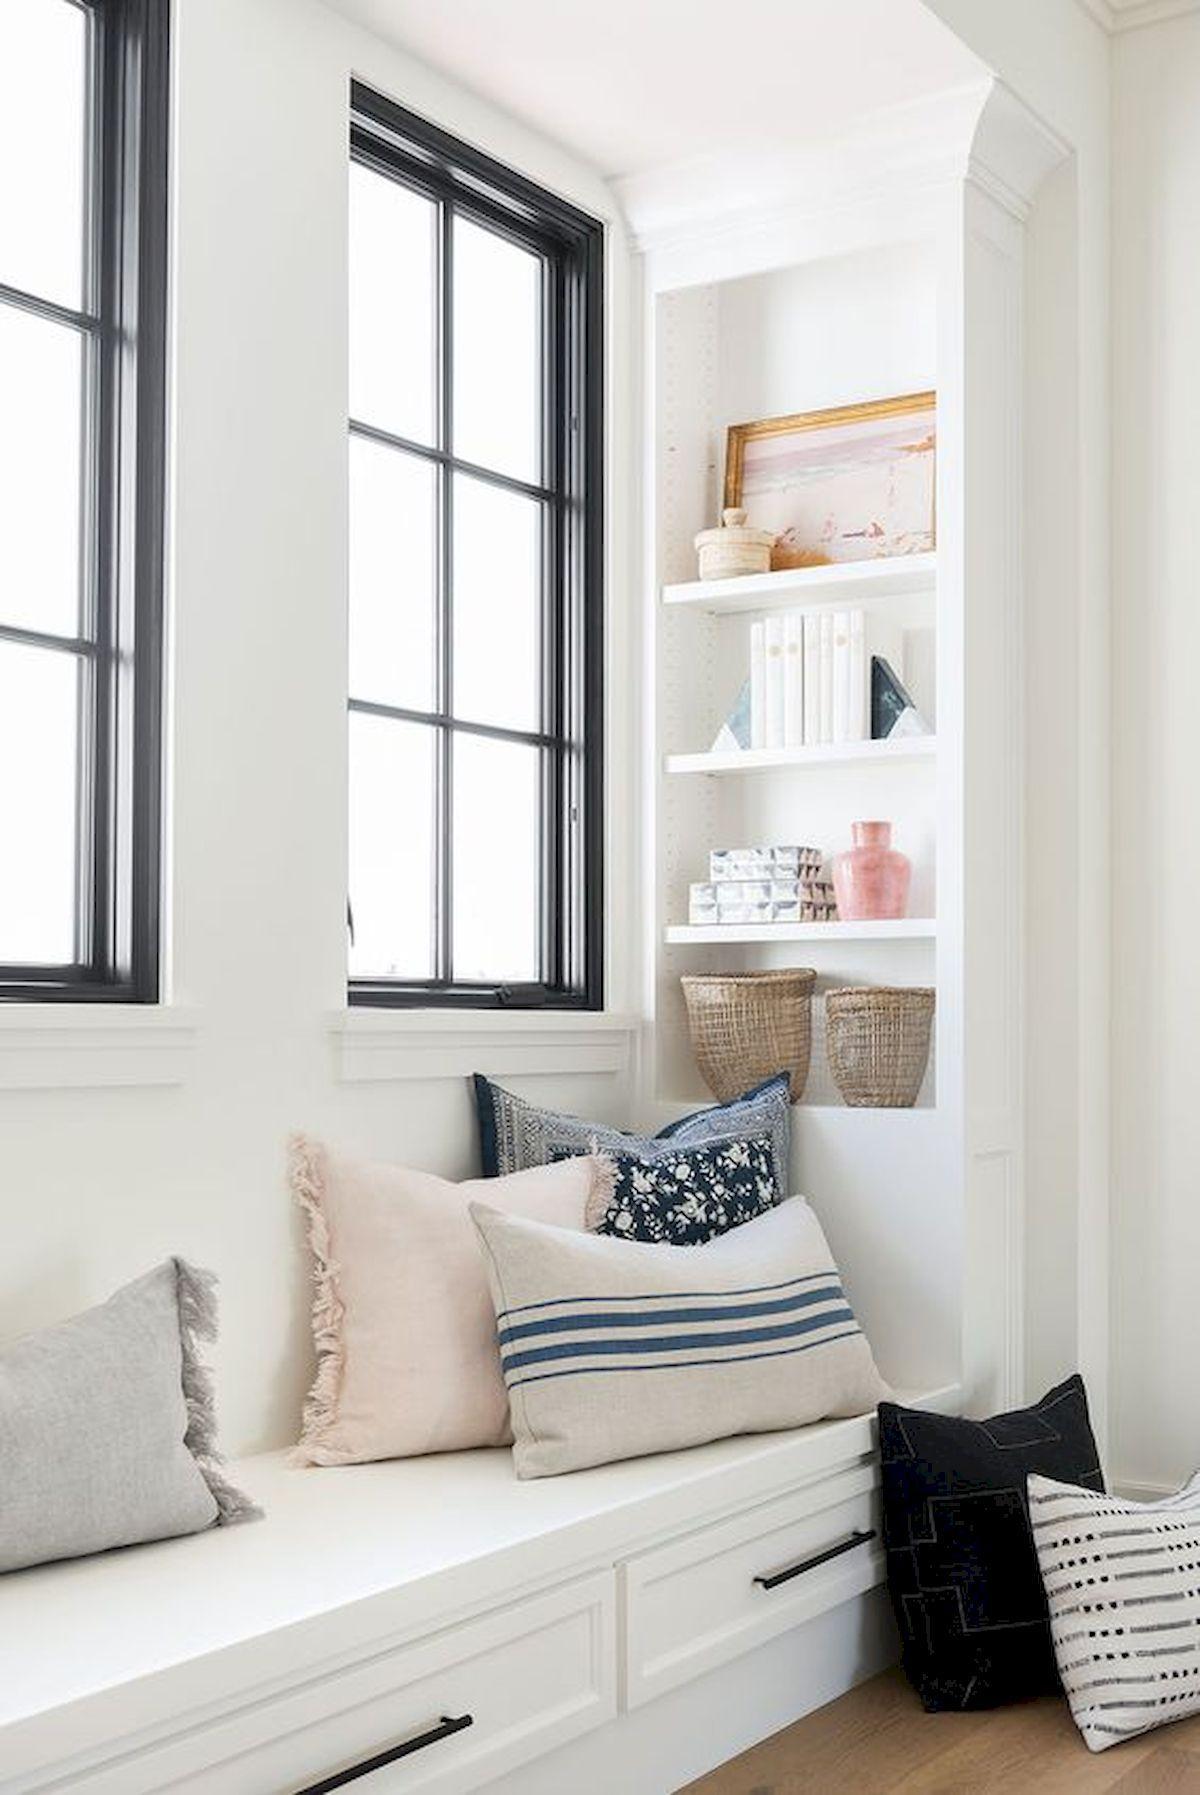 Best window seat design ideas also interior images in rh pinterest